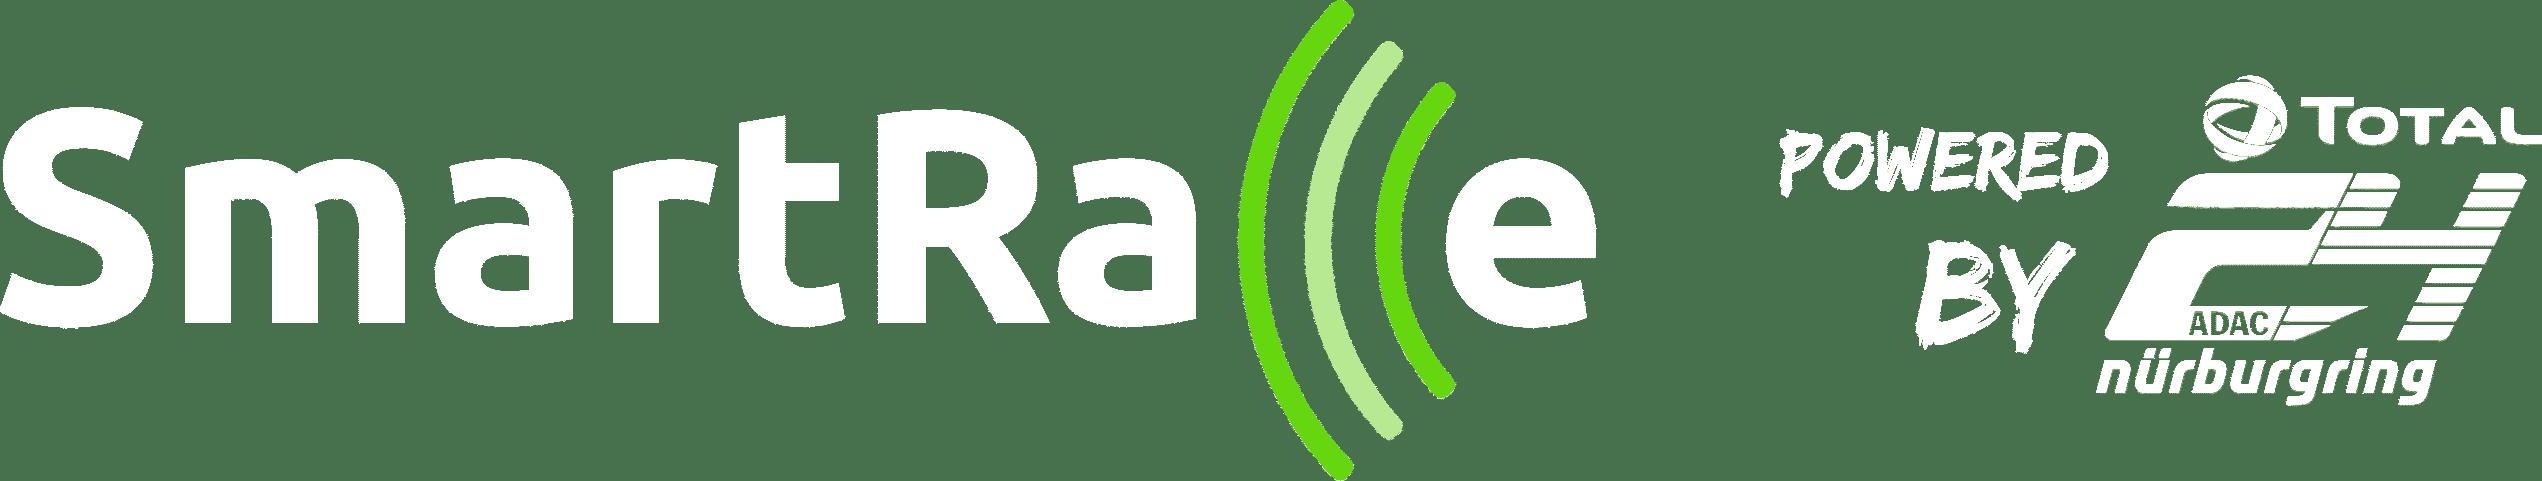 SmartRace – Zeitmessung & Rundenzählung für Carrerabahnen